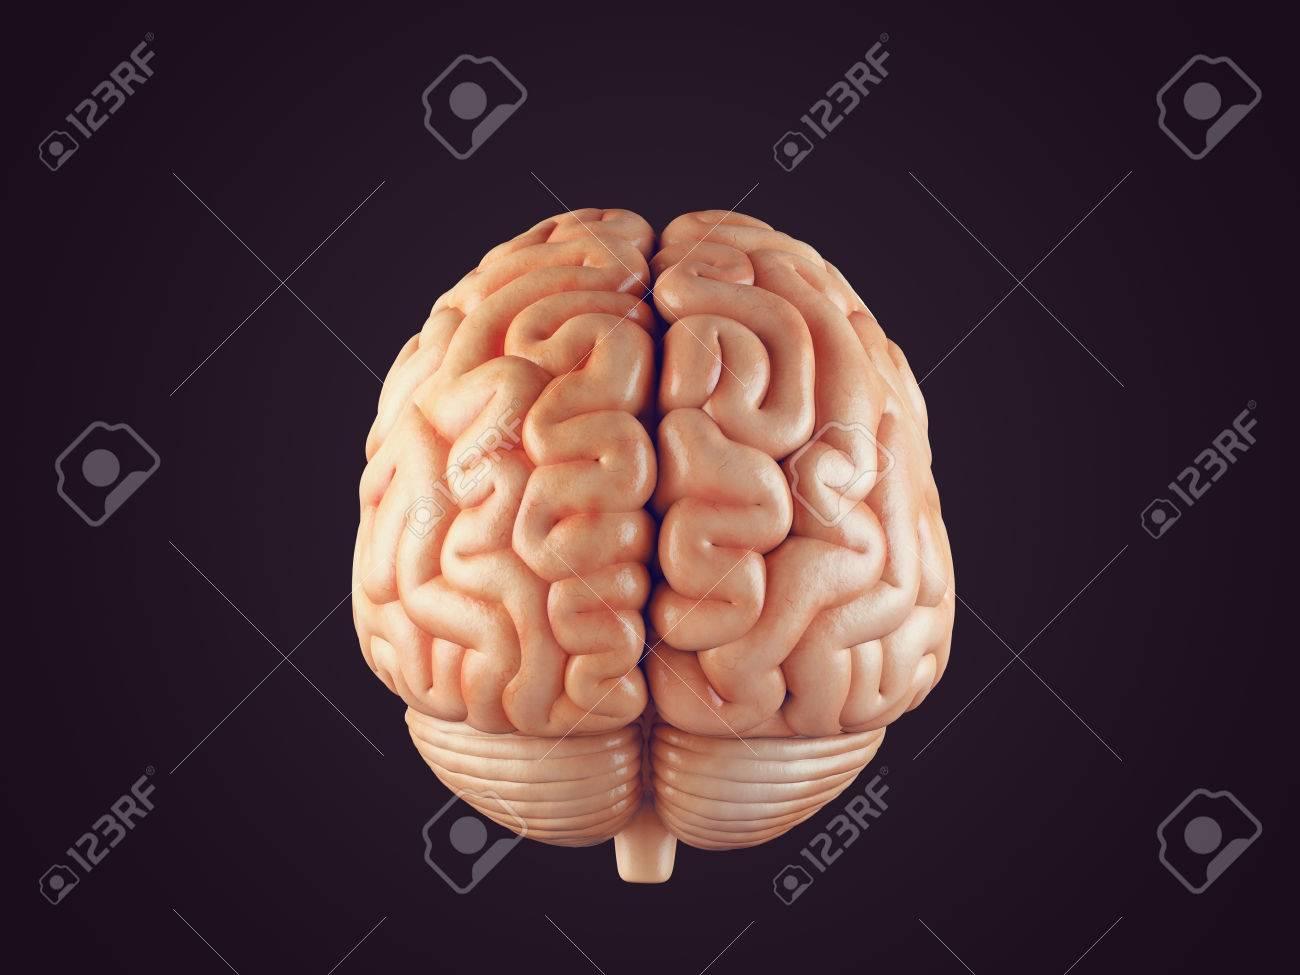 Realista 3d Ilustración De La Vista Frontal Del Cerebro Humano ...